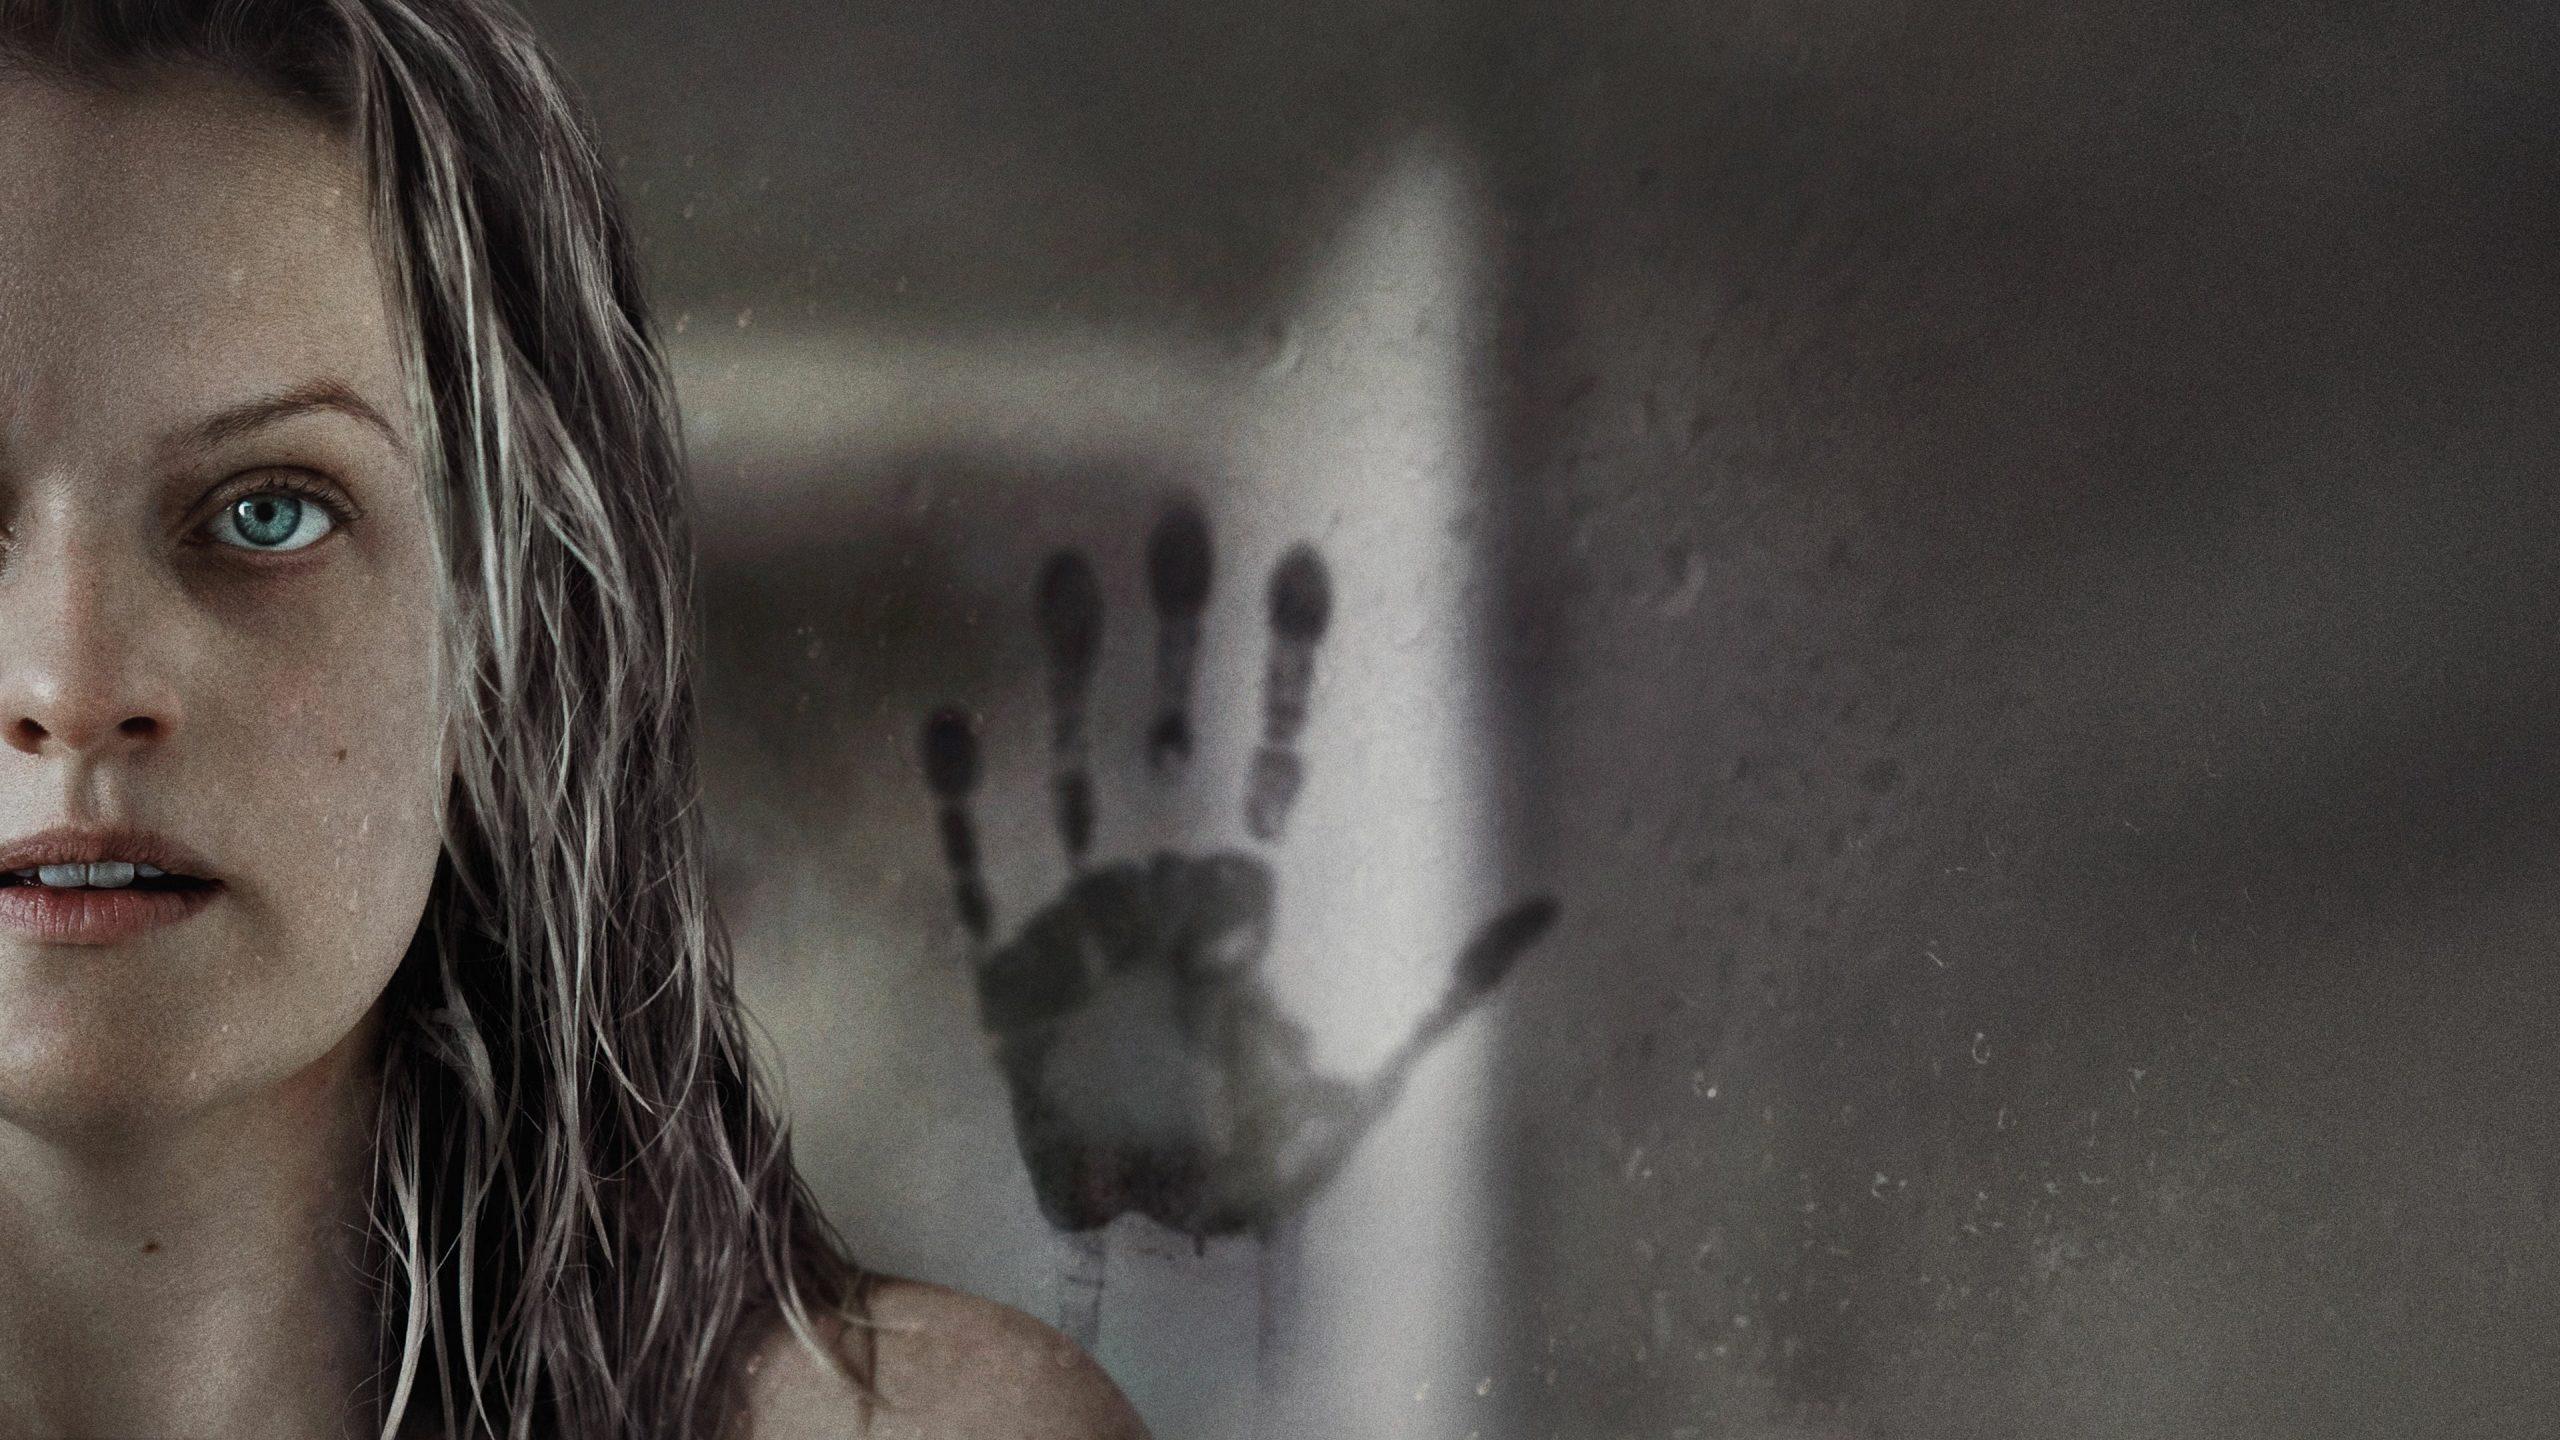 Homem Invisível: O que faltou? – Leia a crítica do filme